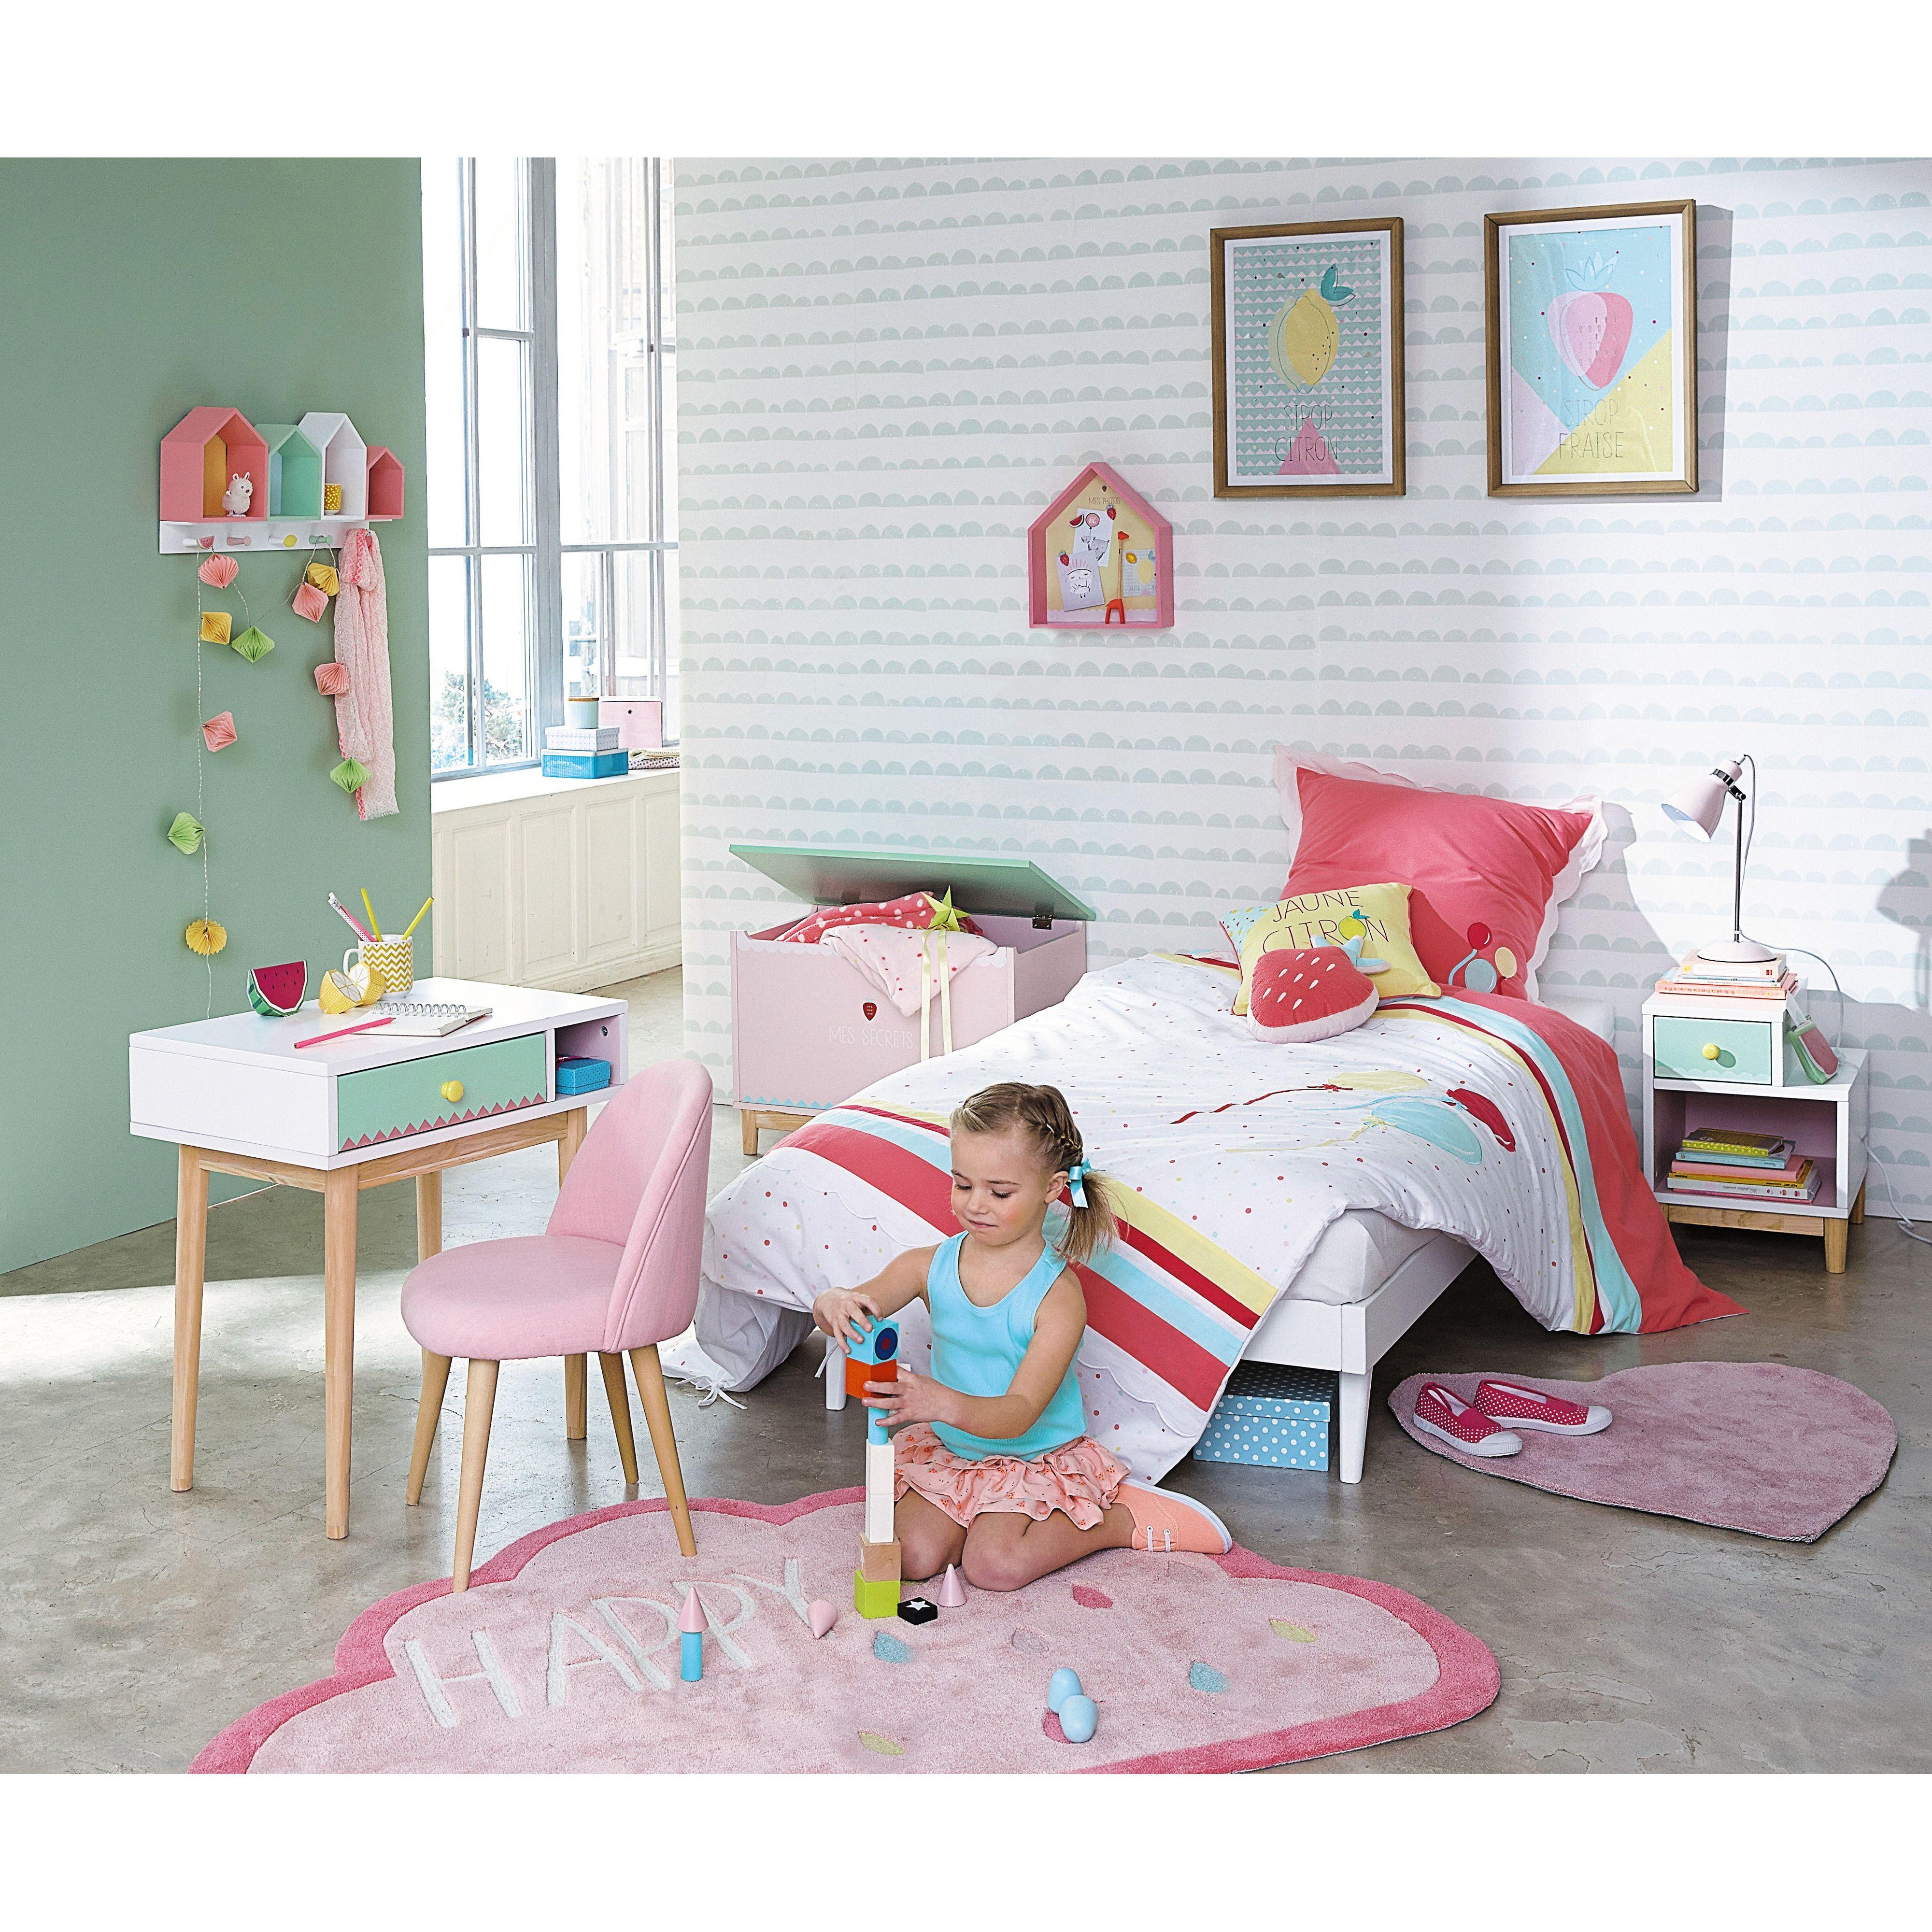 Bureau enfant blanc multicolore | Bureau enfant, Bois blanc et Berlingot